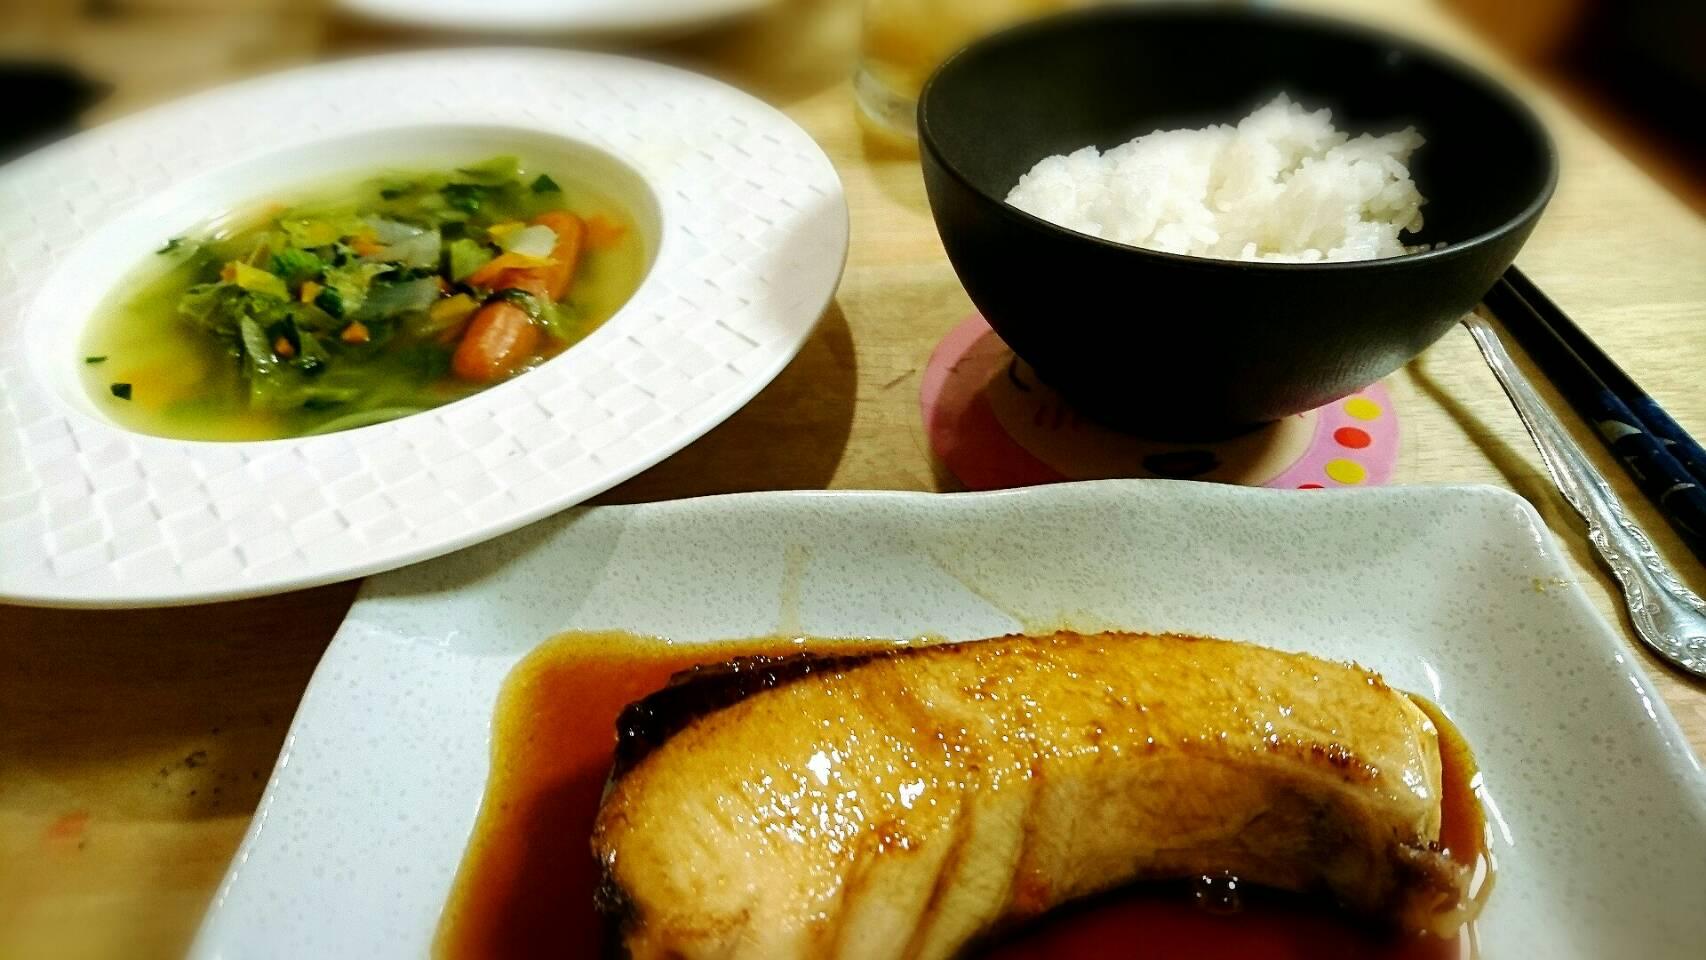 ぶりの照り焼き 野菜のポトフ